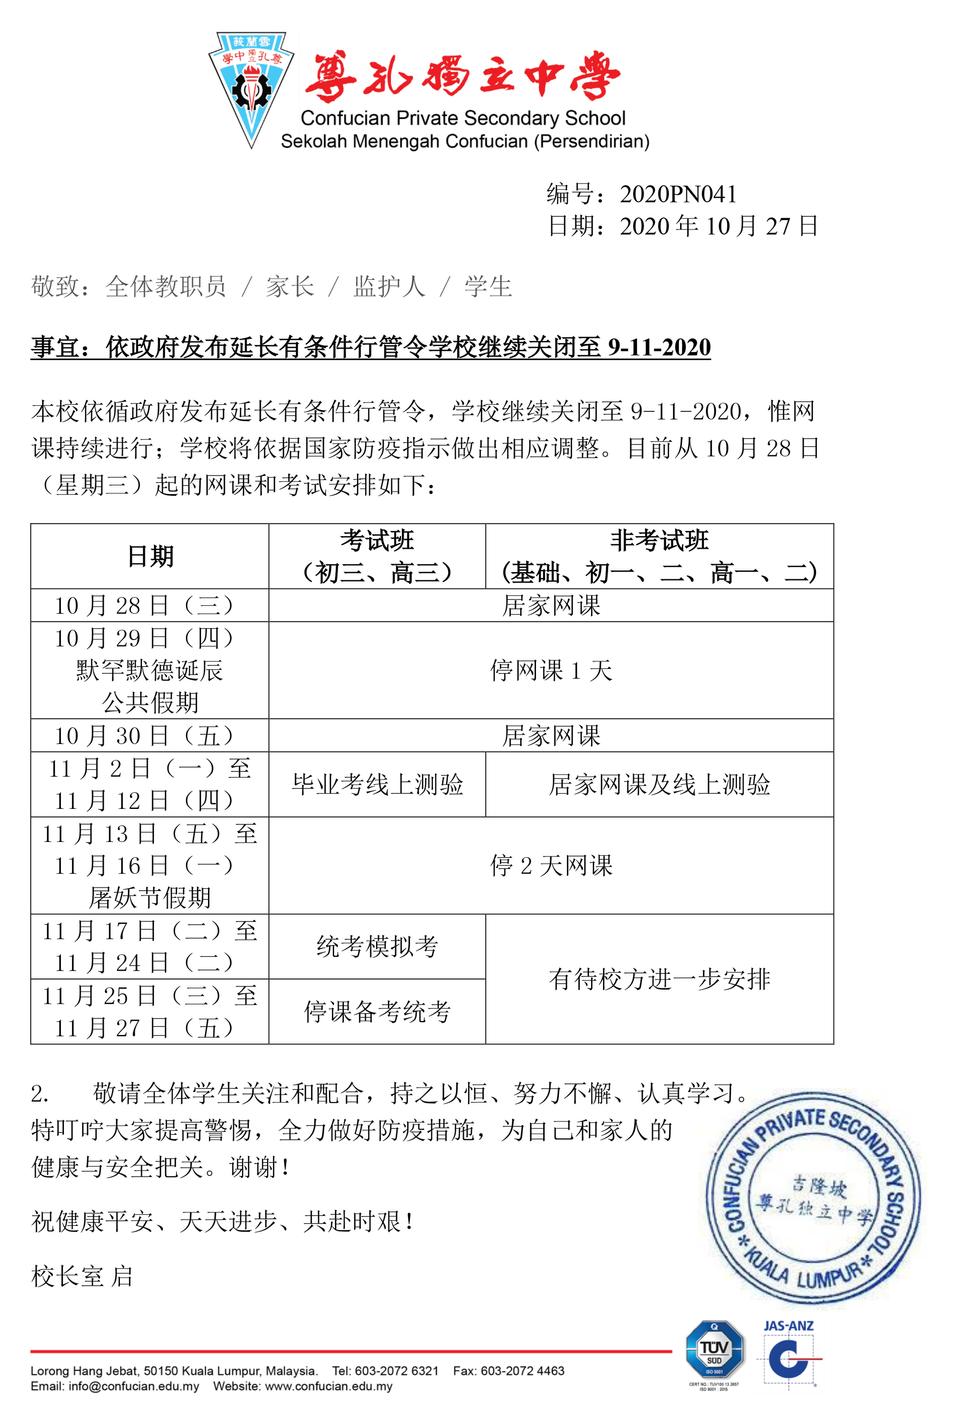 [校长室通告]依政府发布延长有条件行管令学校继续关闭至9-11-2020